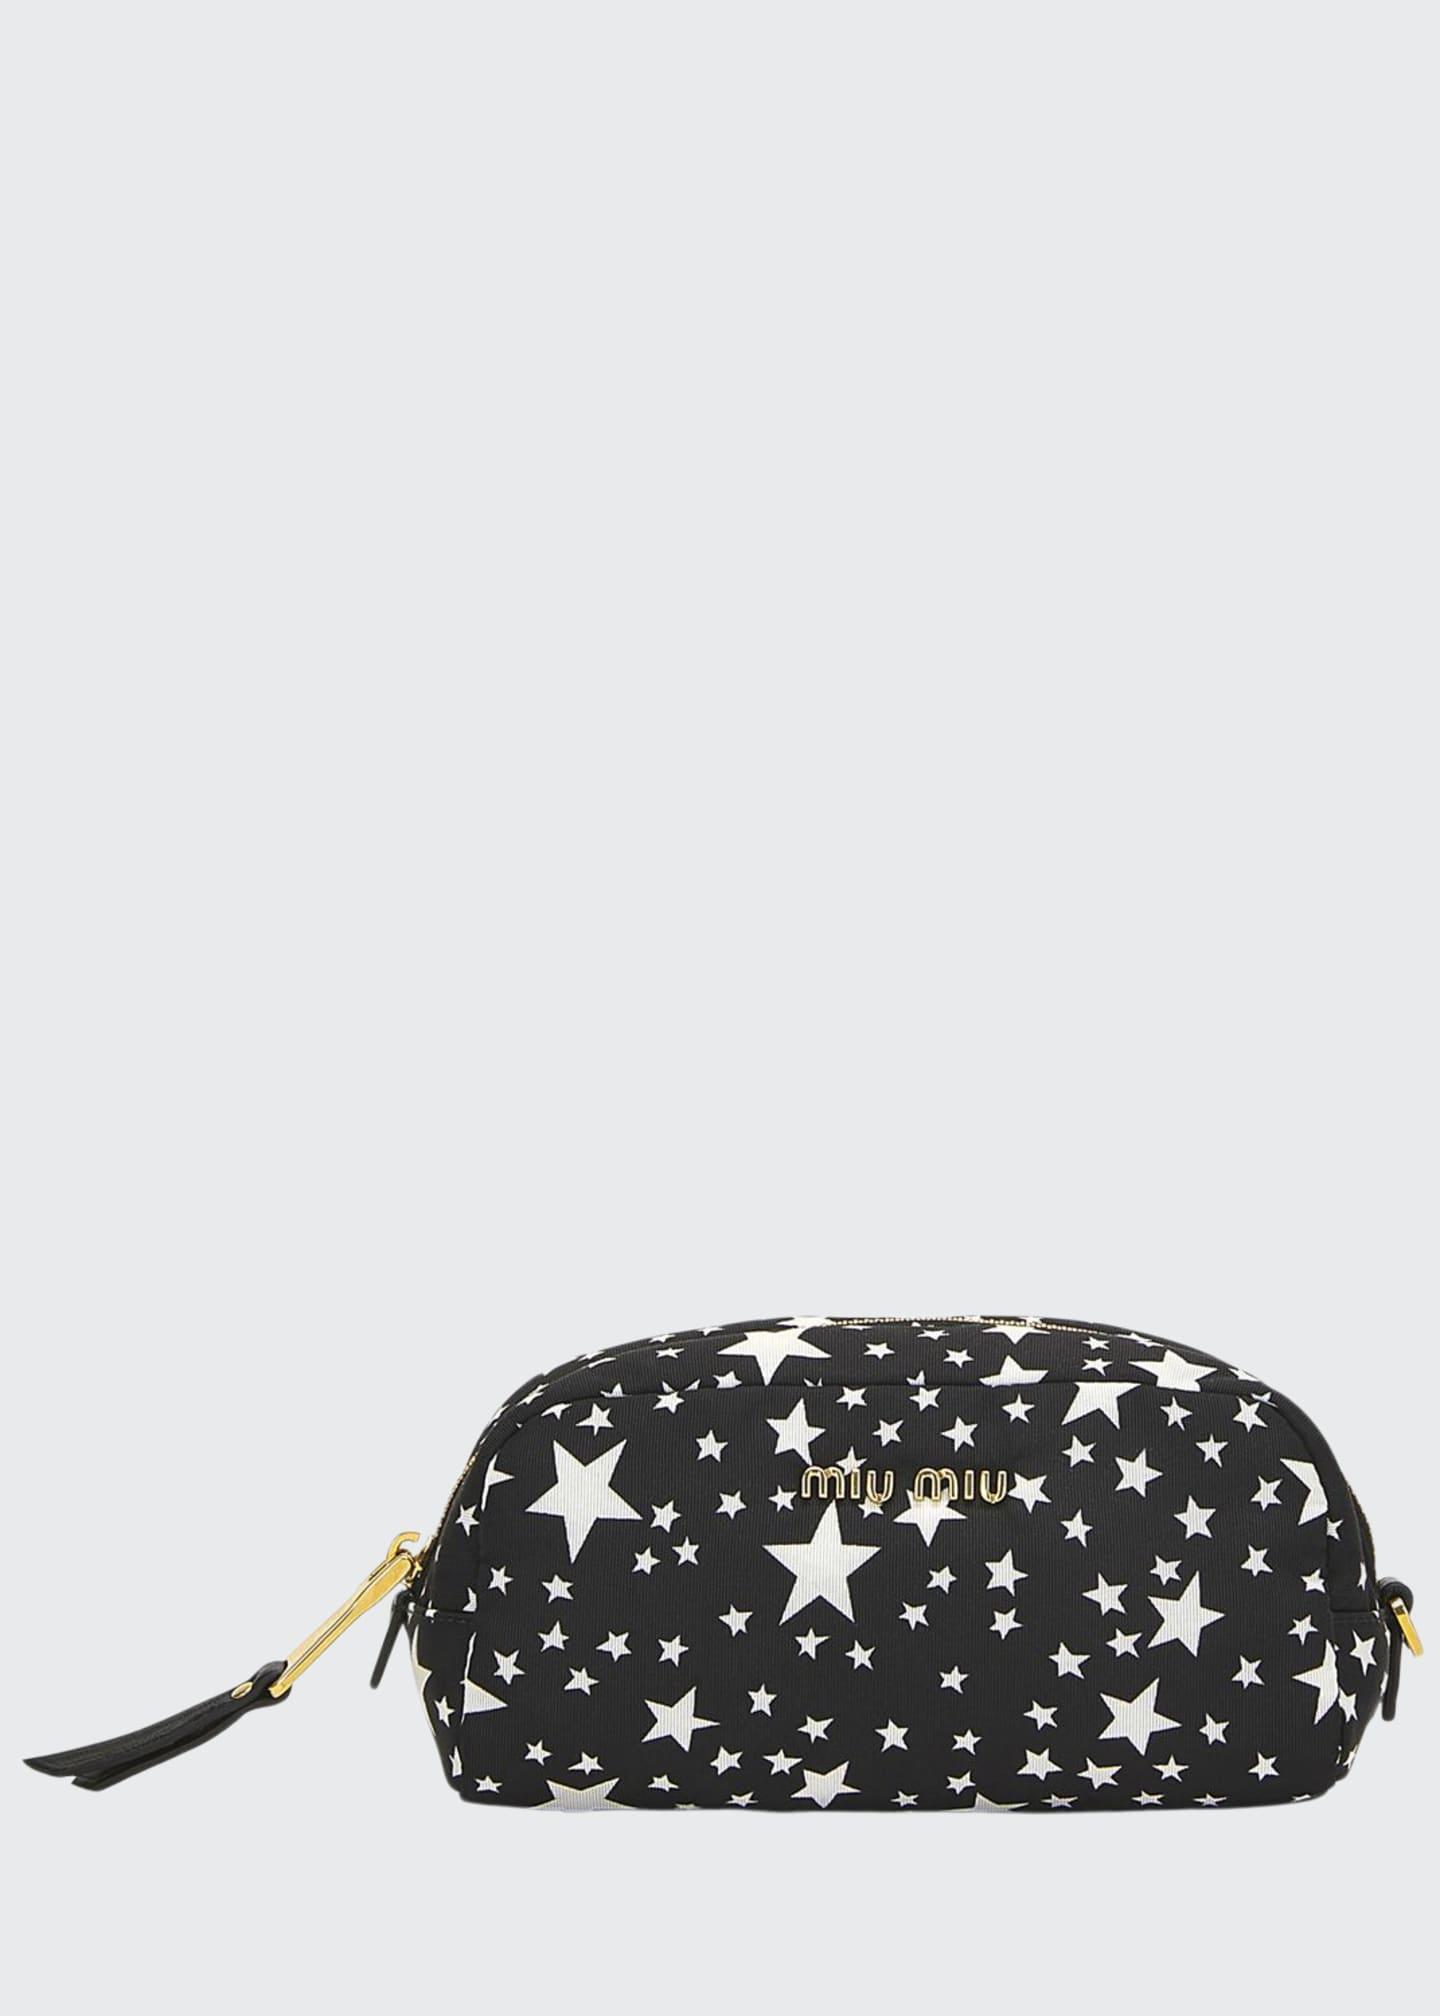 Miu Miu Faille Stelle Cosmetic Case Bag